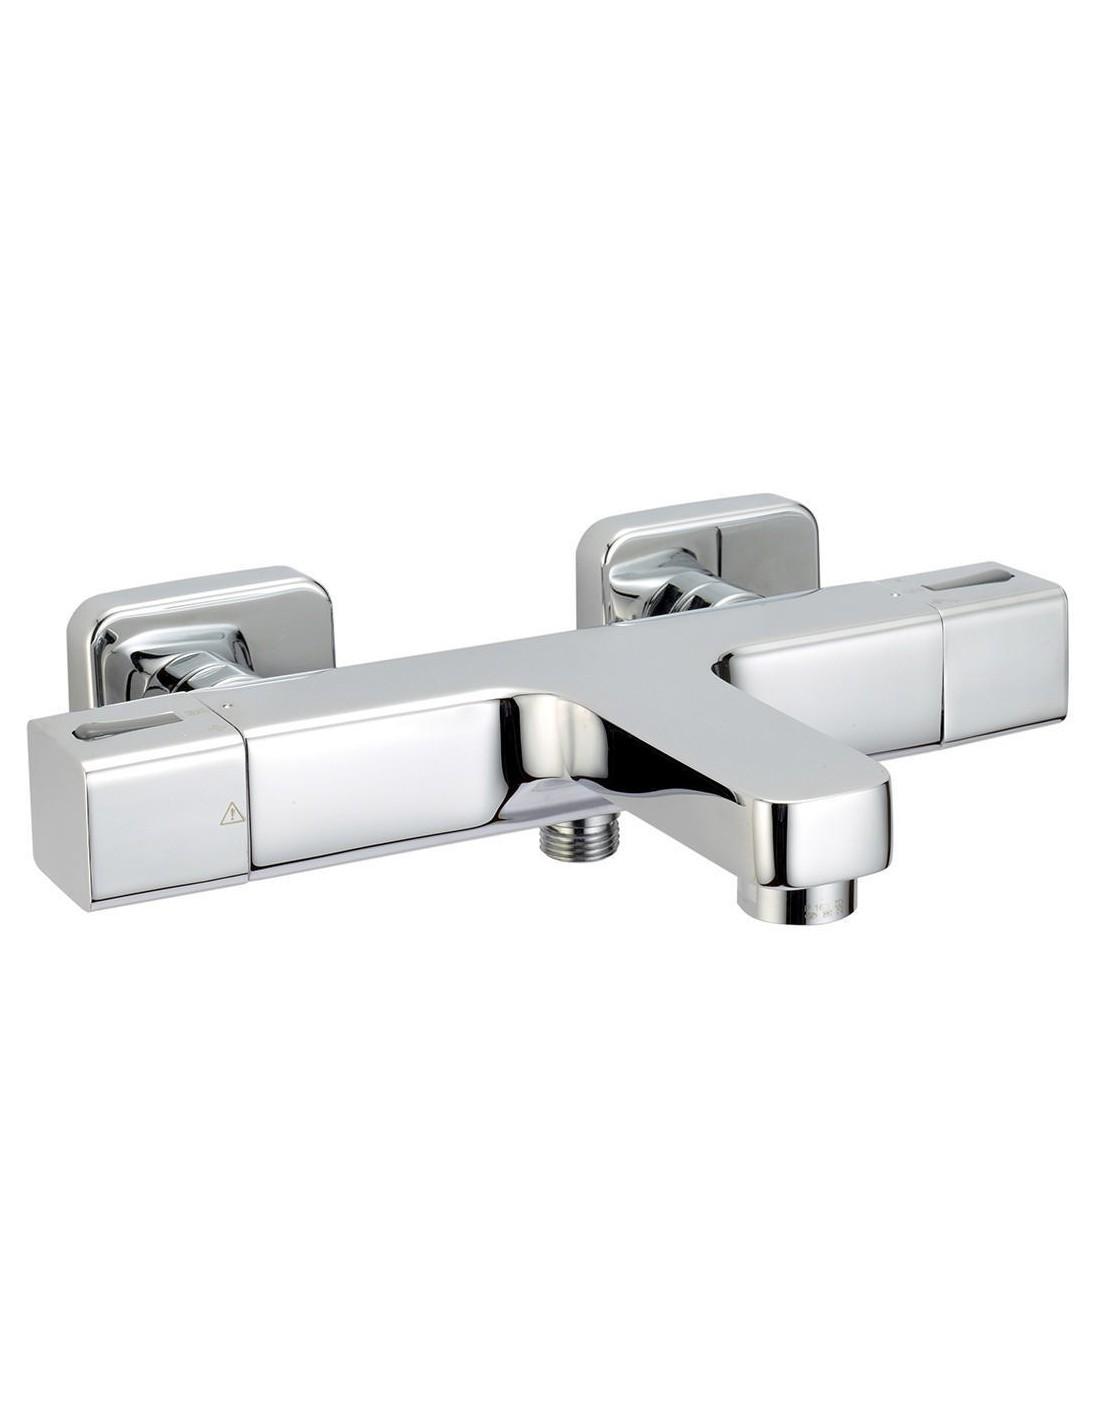 Mitigeur thermostatique bain douche domino 3 alterna - Mitigeur thermostatique bain douche pas cher ...